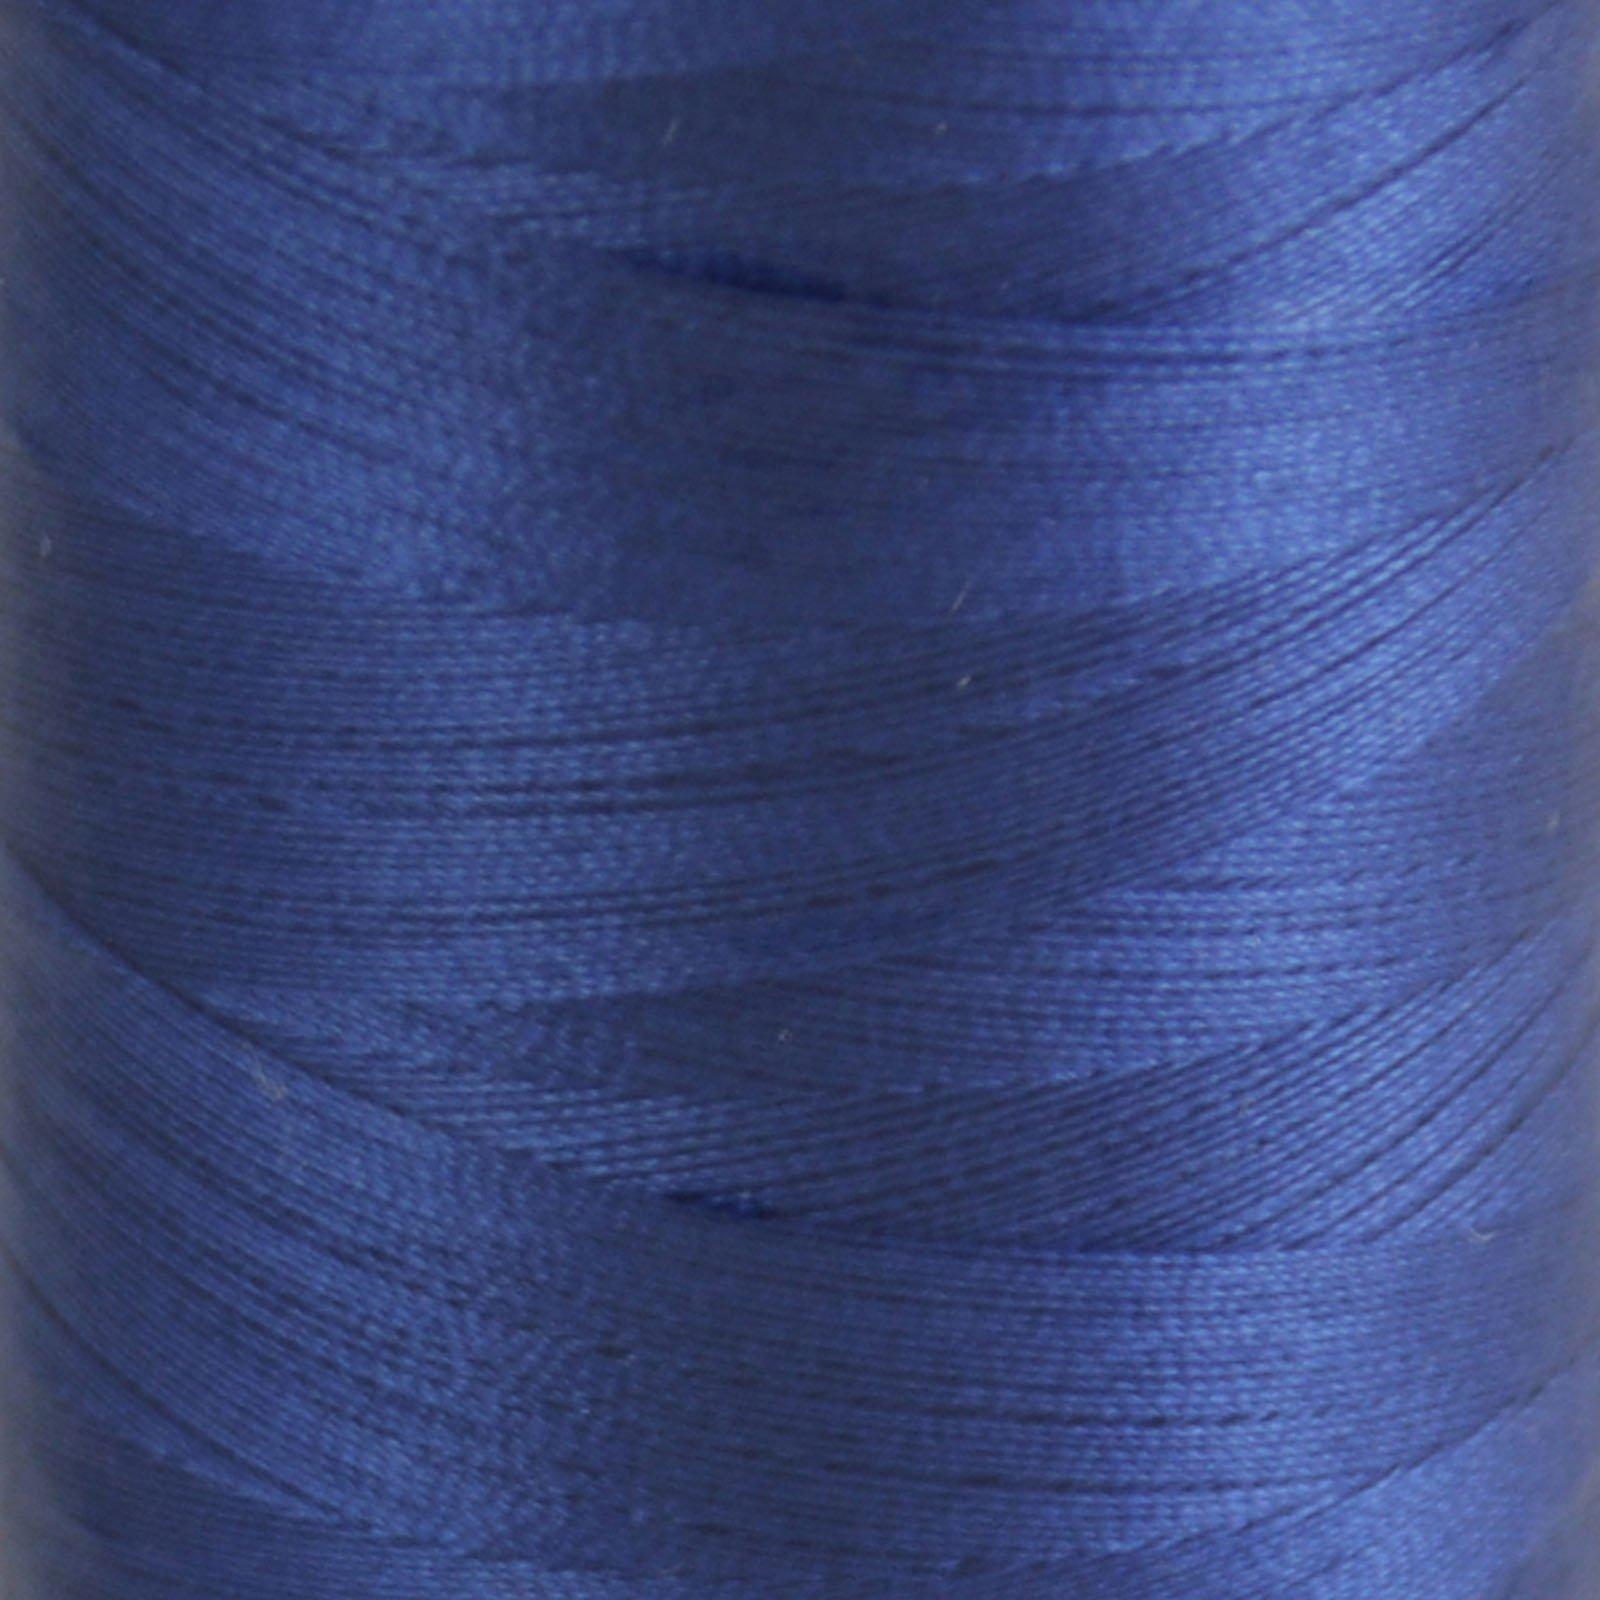 # 2735 Medium Blue